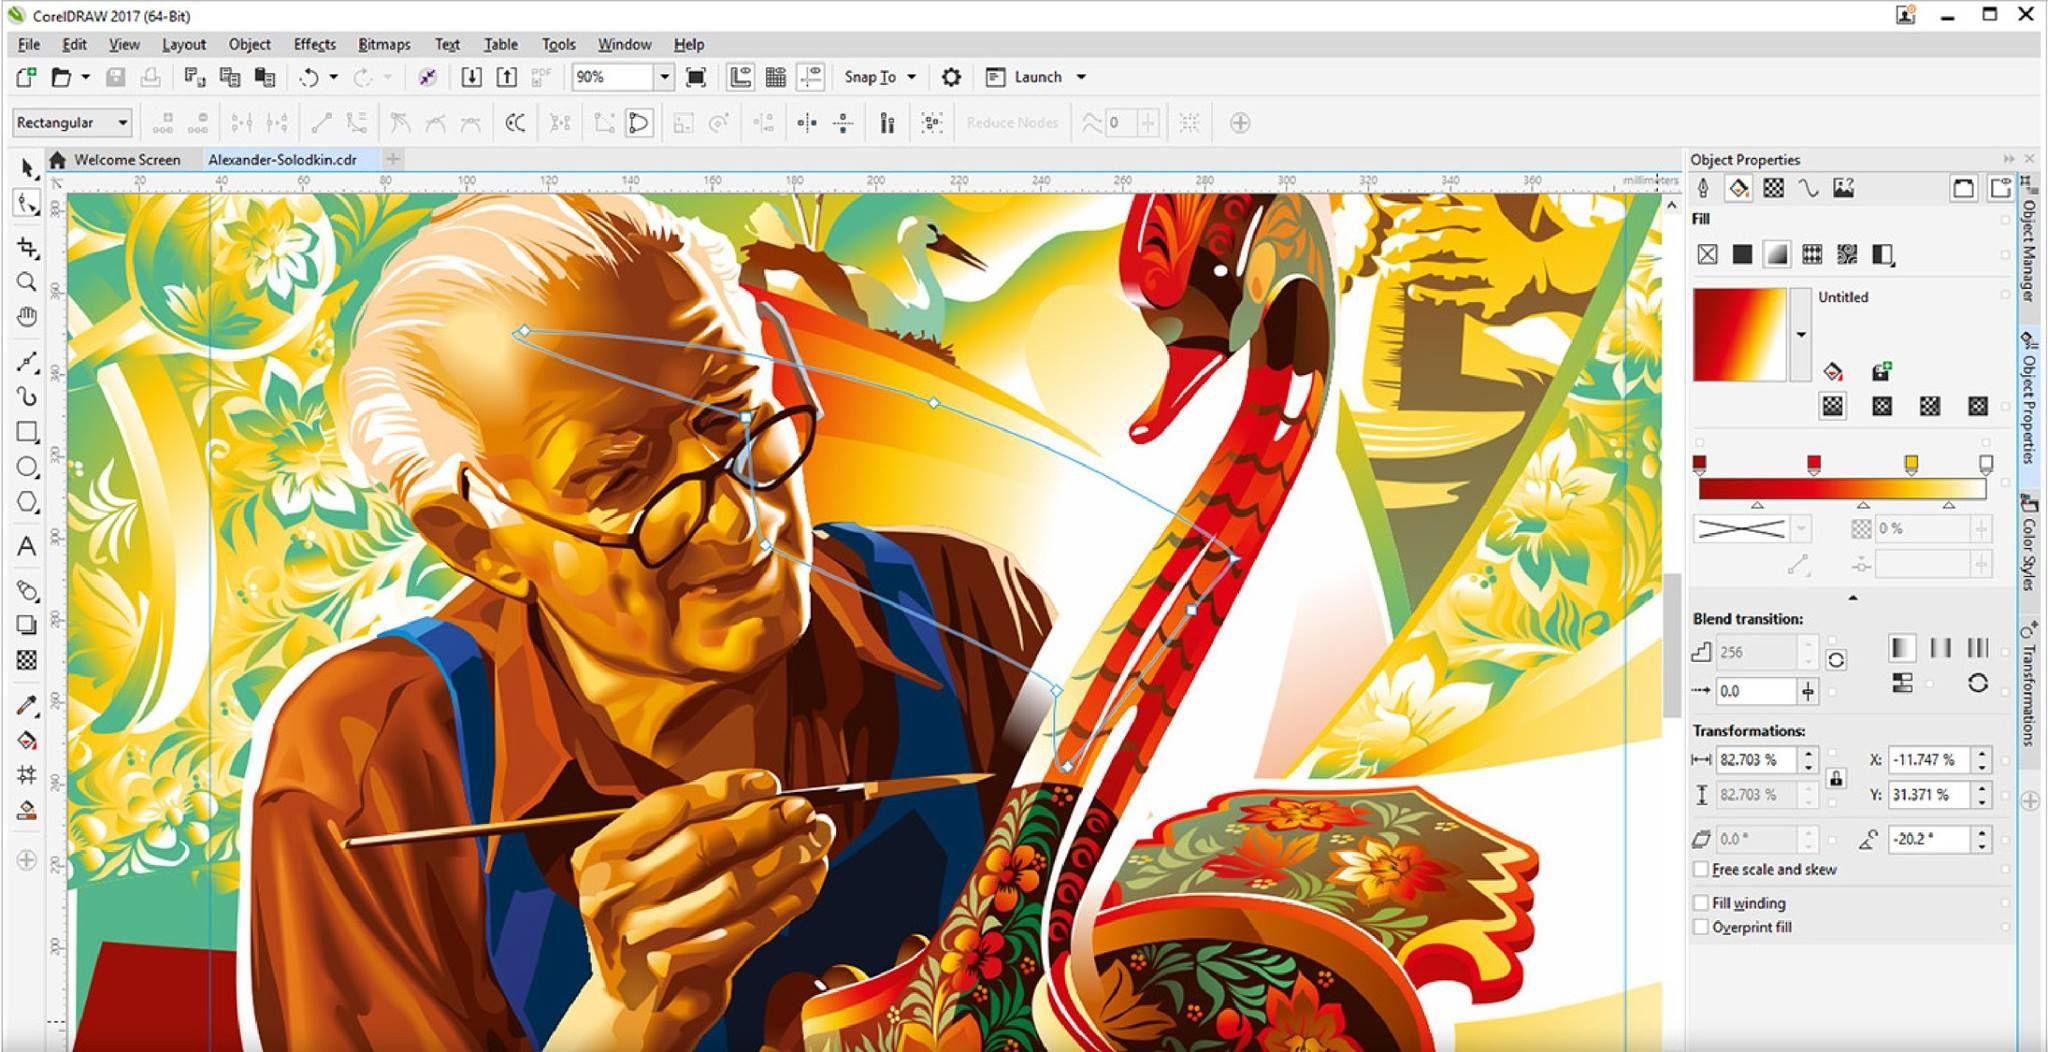 Las 25 Mejores Aplicaciones Para Dibujar Y Pintar Que Debes